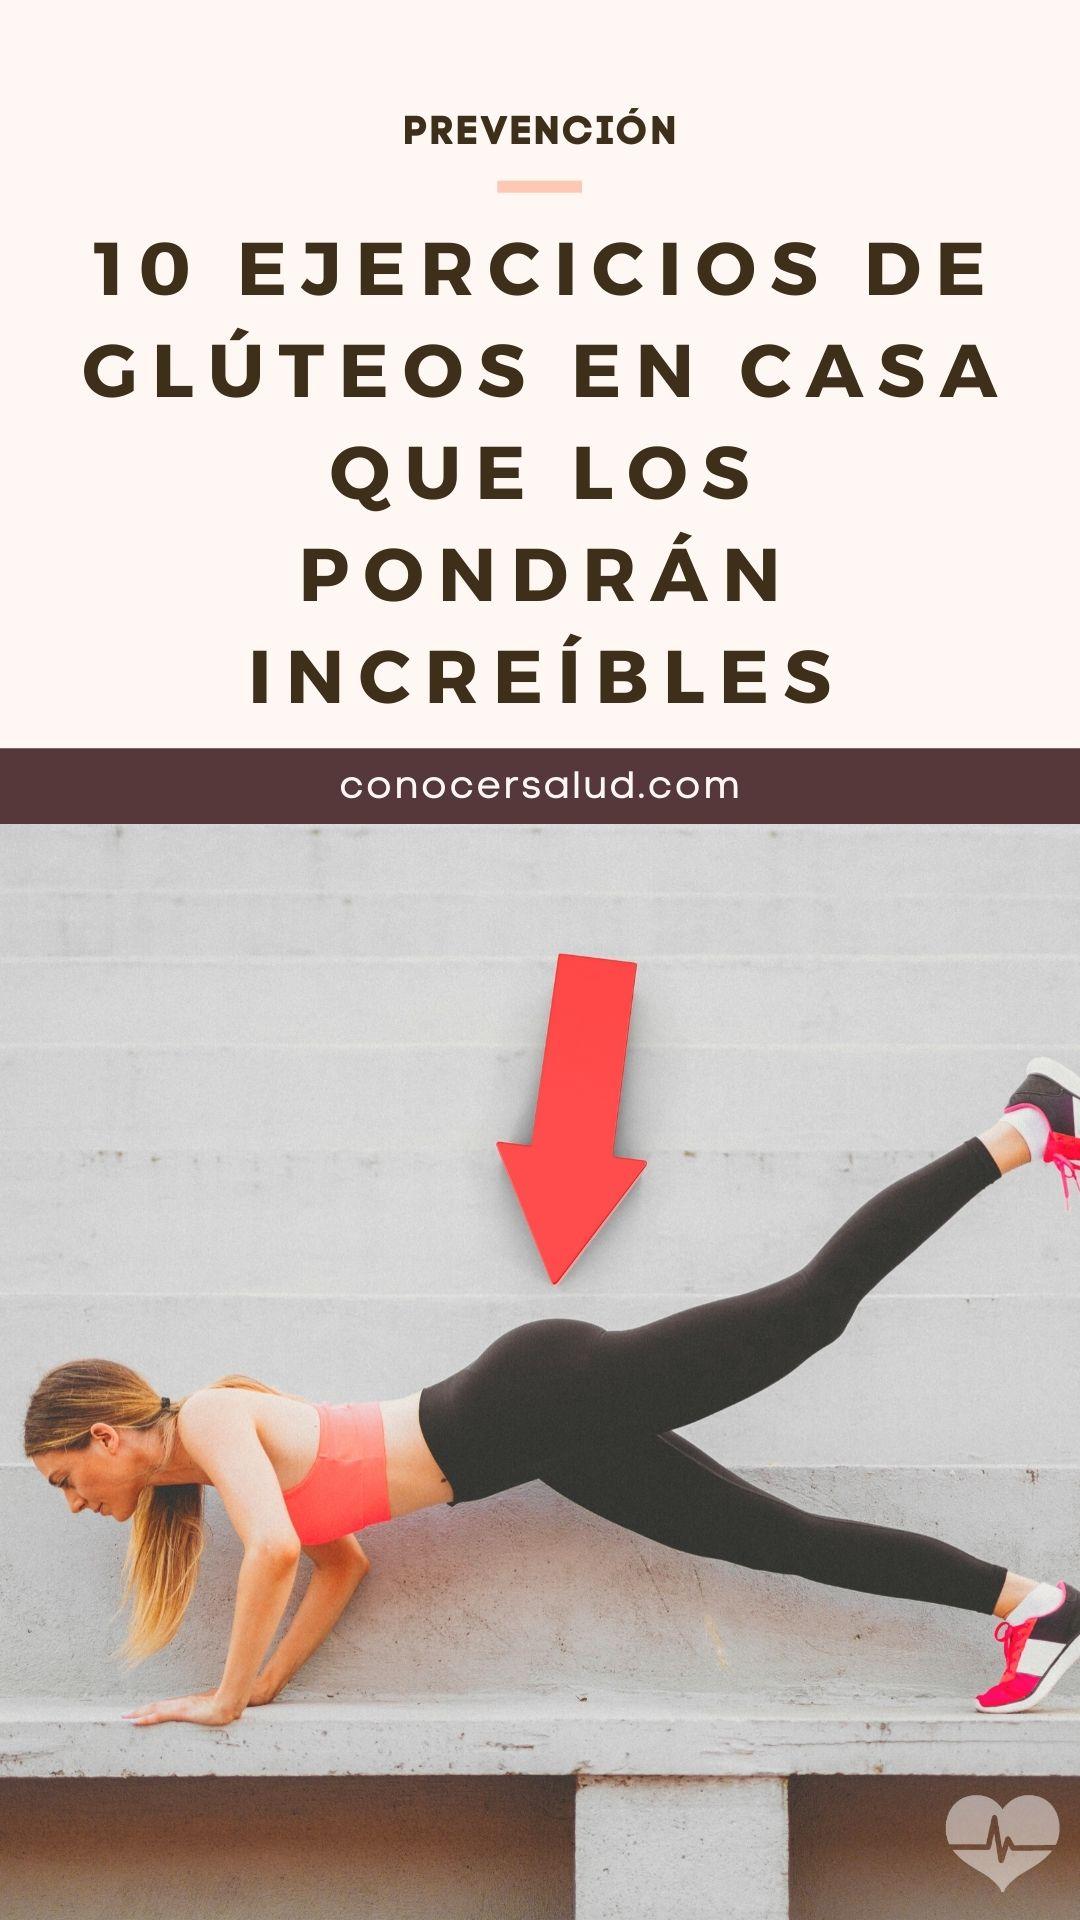 10 ejercicios de glúteos en casa que los pondrán increíbles